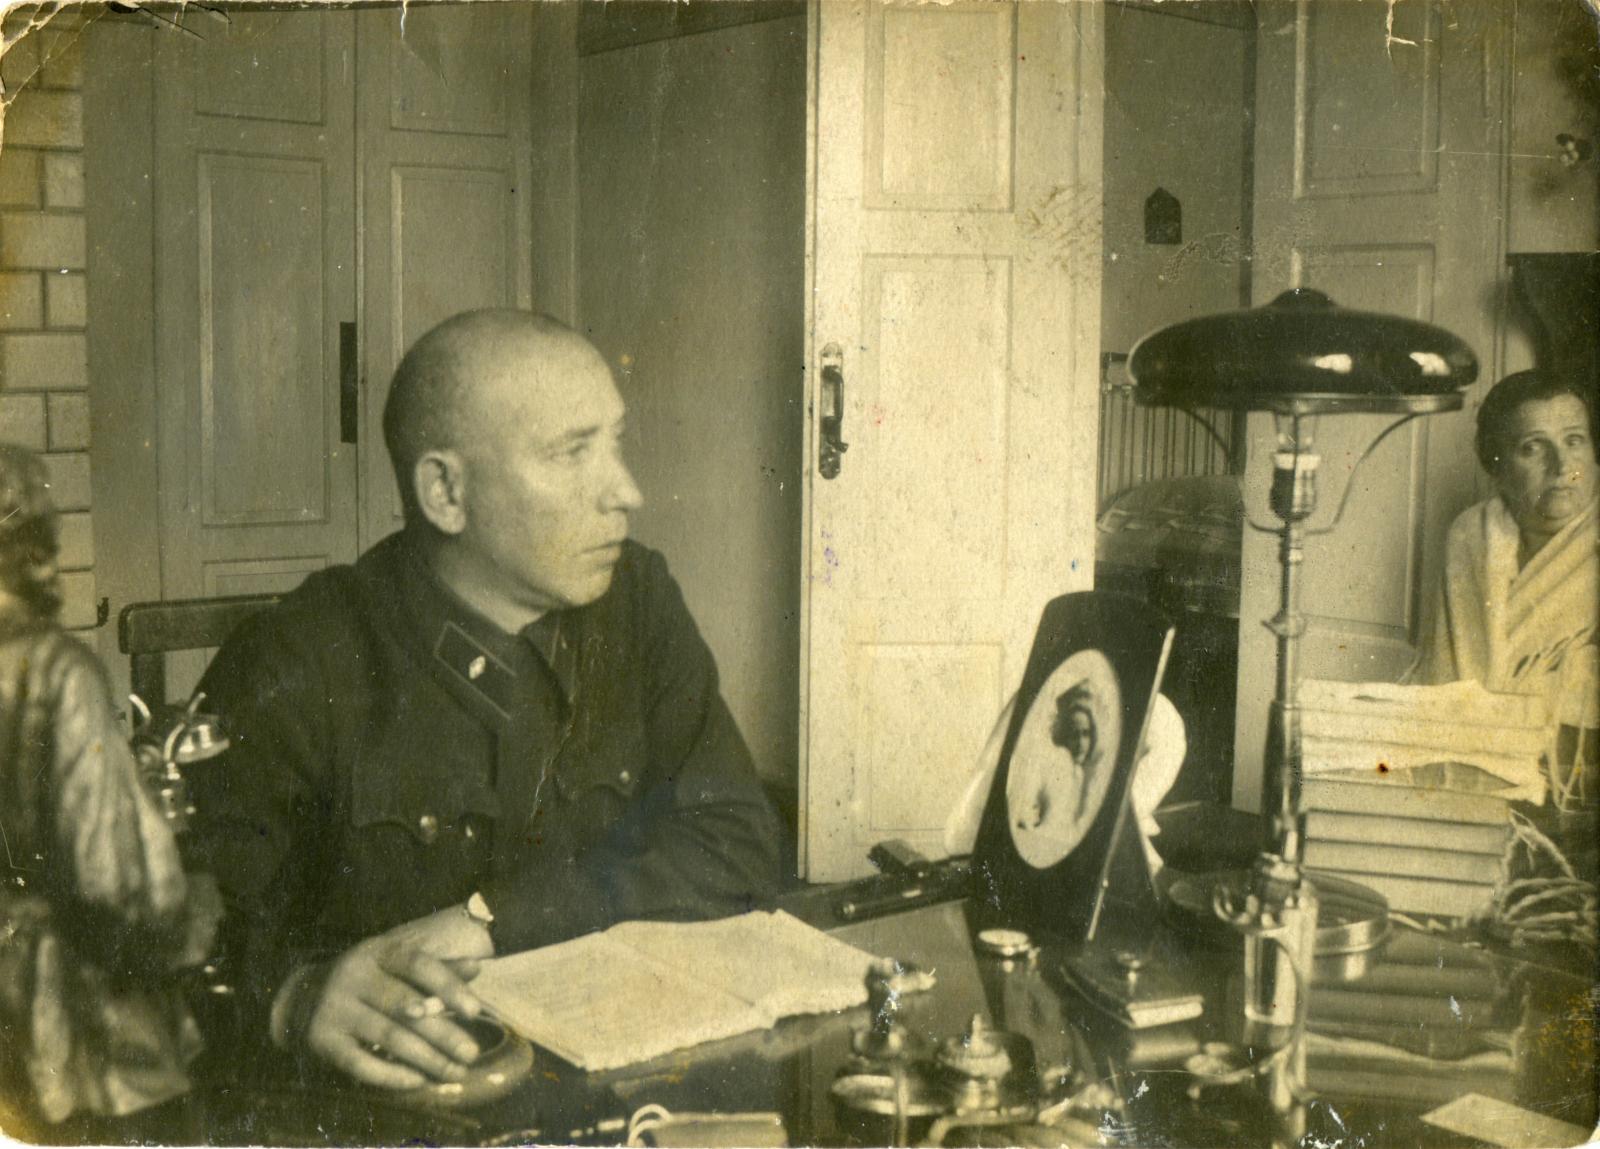 1930-е. Сотрудник  ОГПУ со знаками различия 10-й должностной категории у себя дома, в кабинете